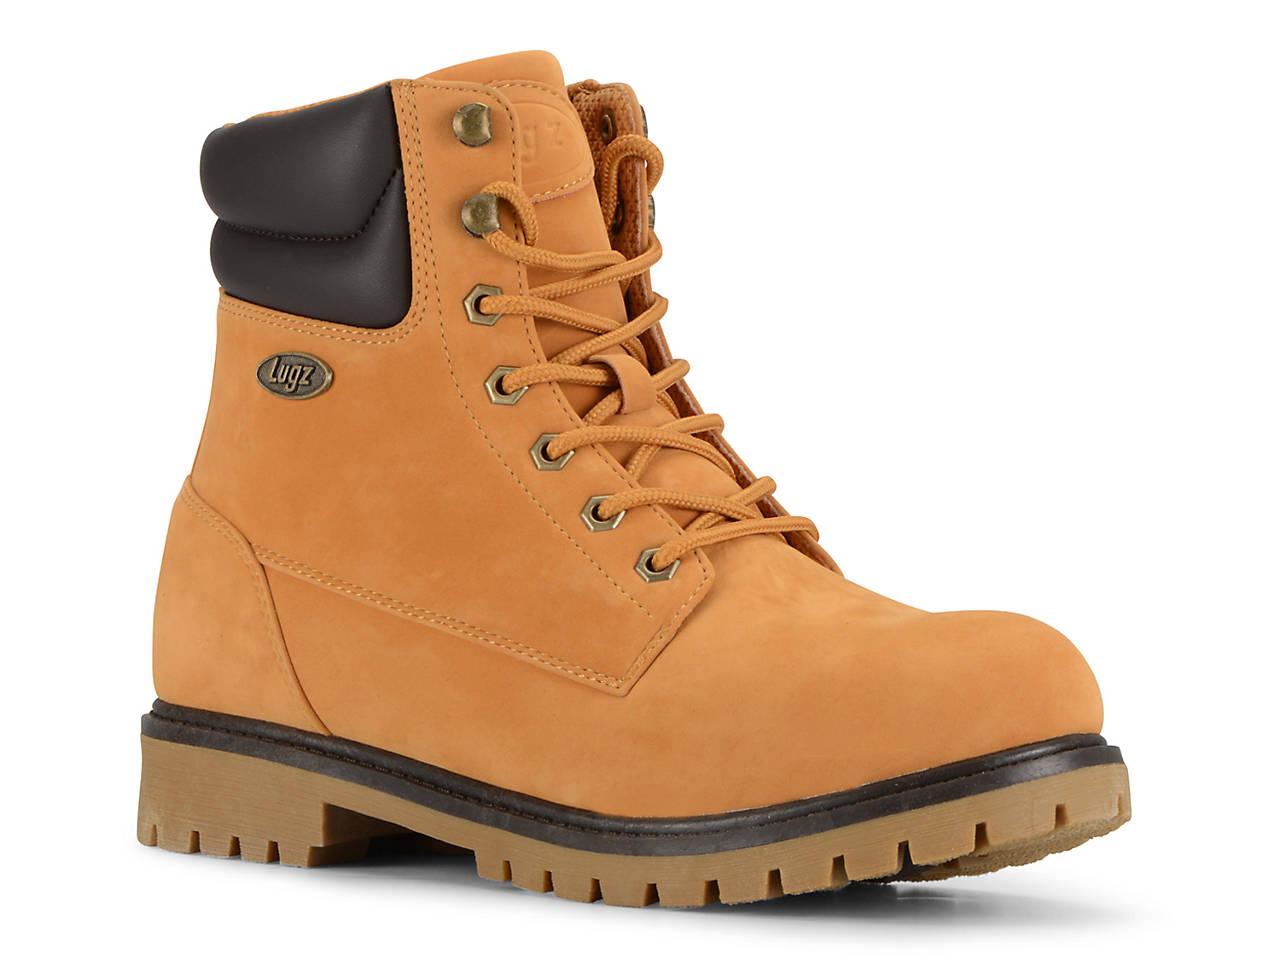 Lugz Nile HI Boots